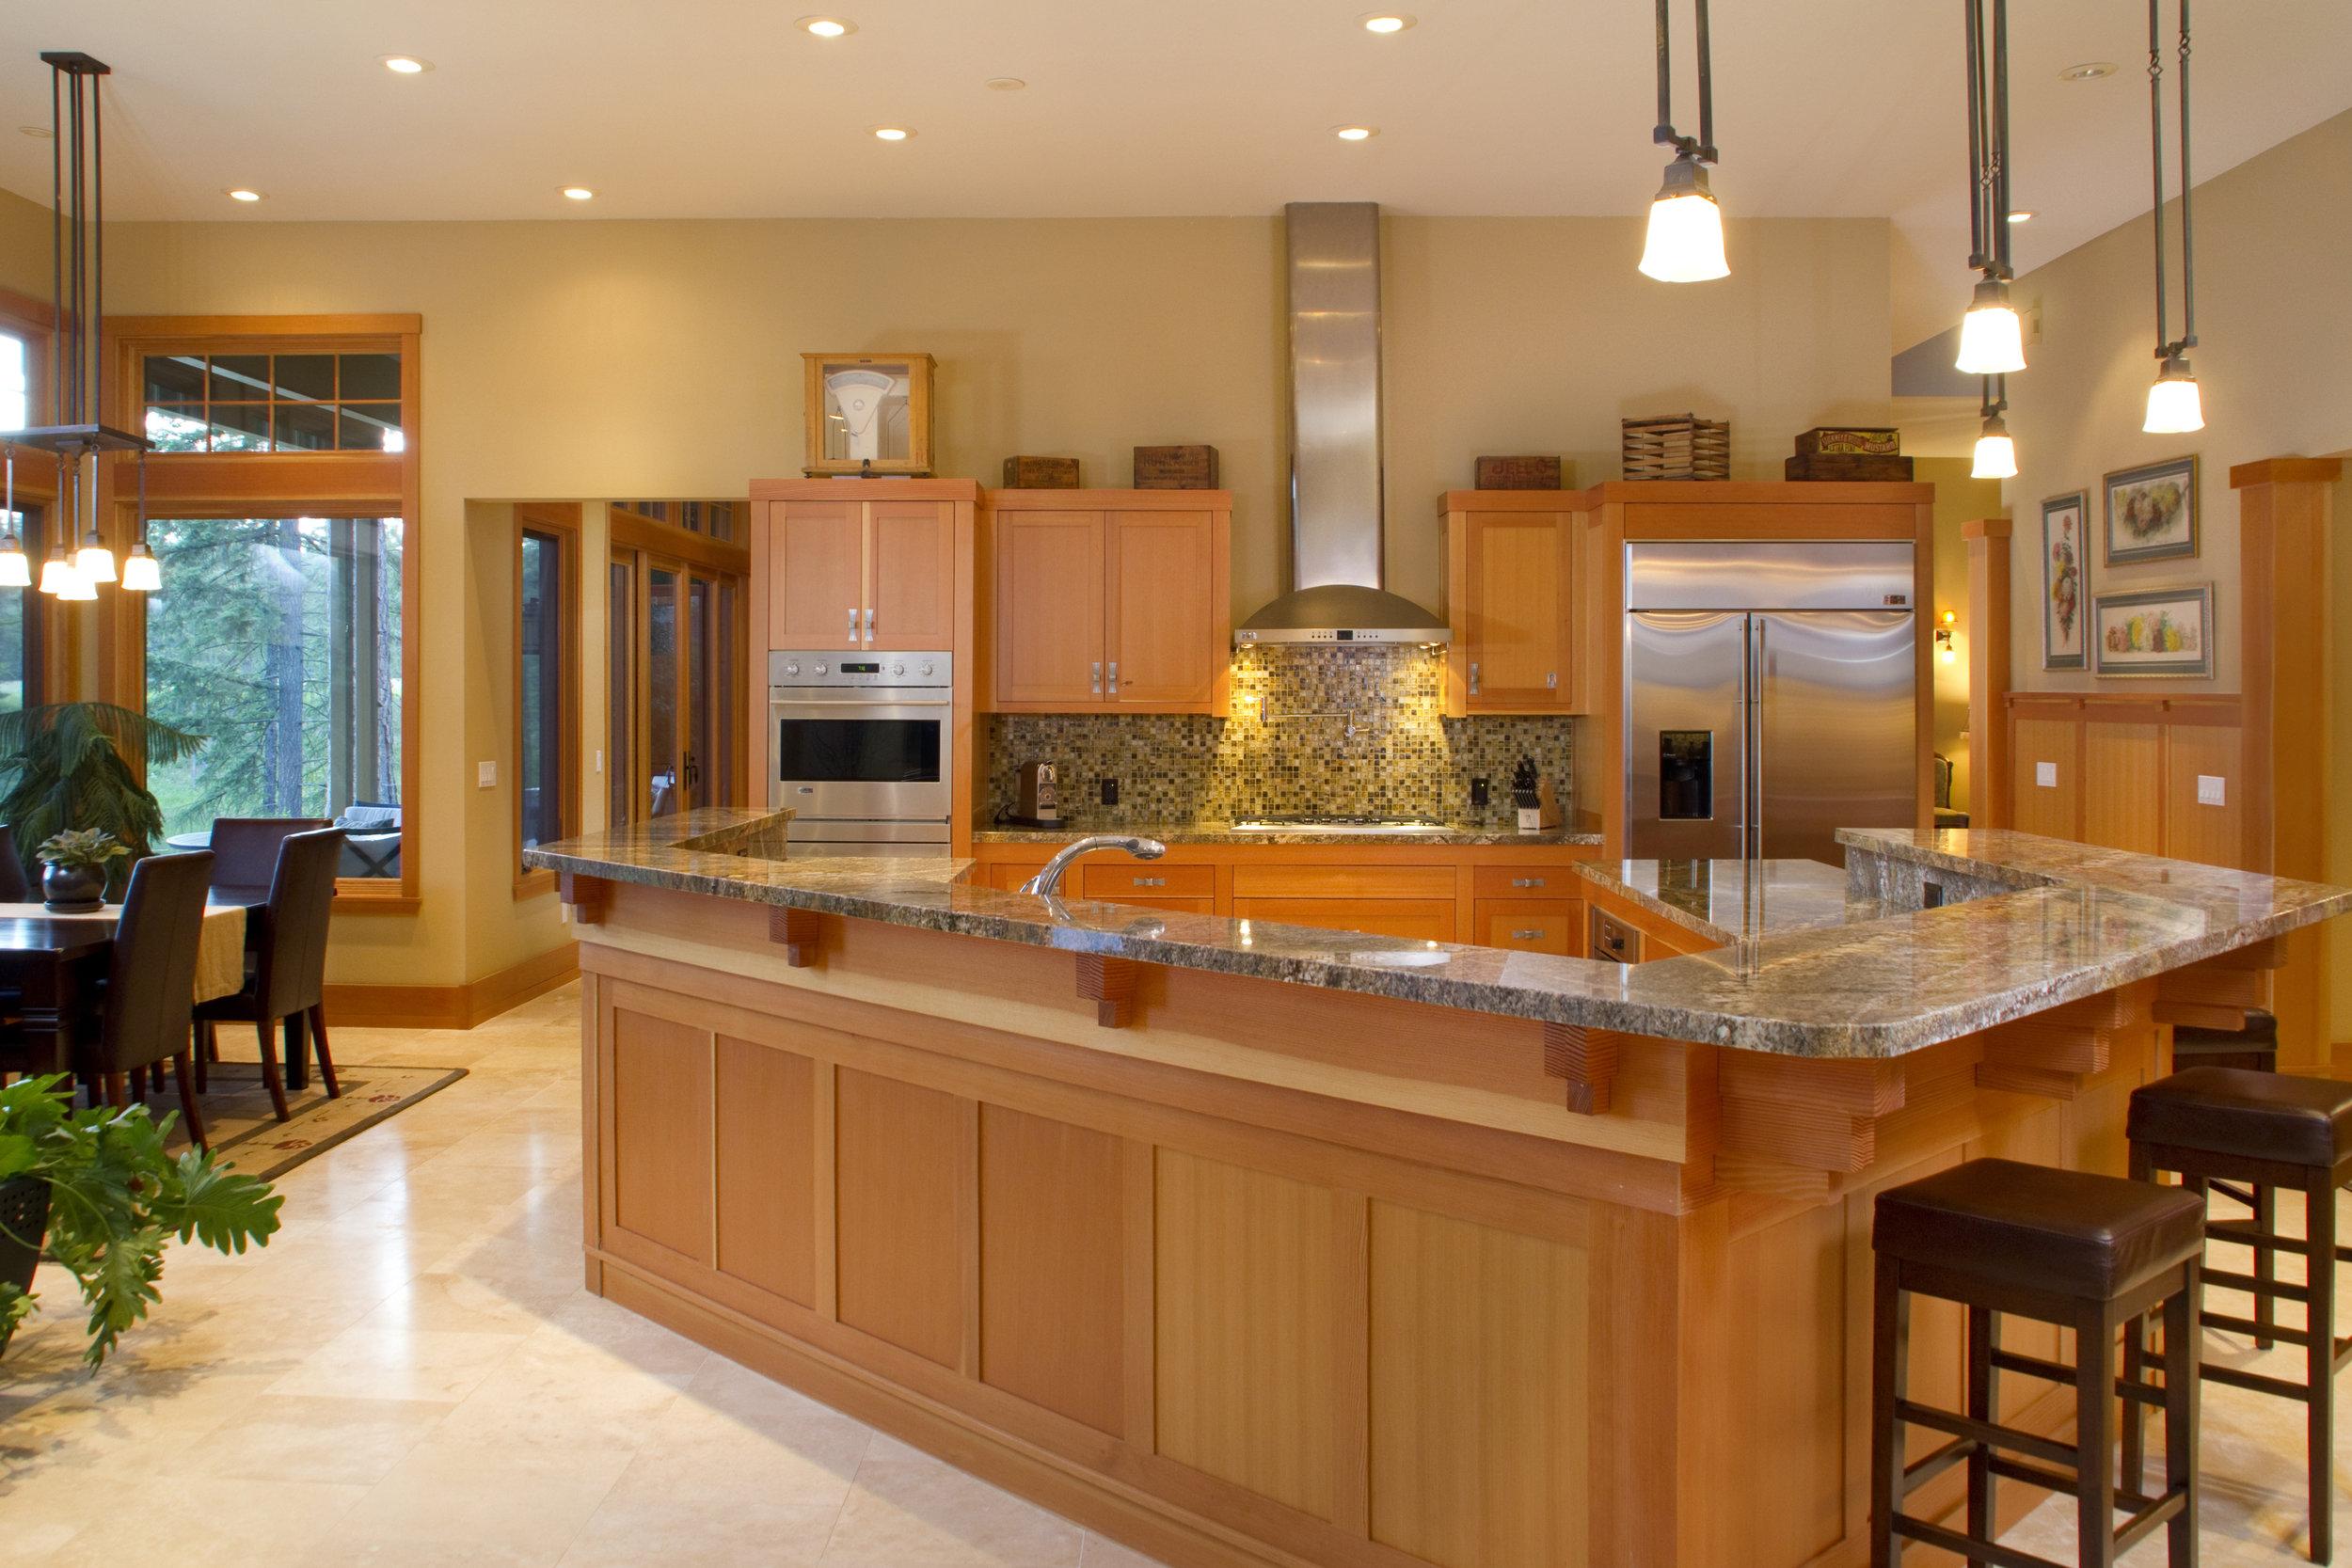 3 Kitchen - Copy.jpg